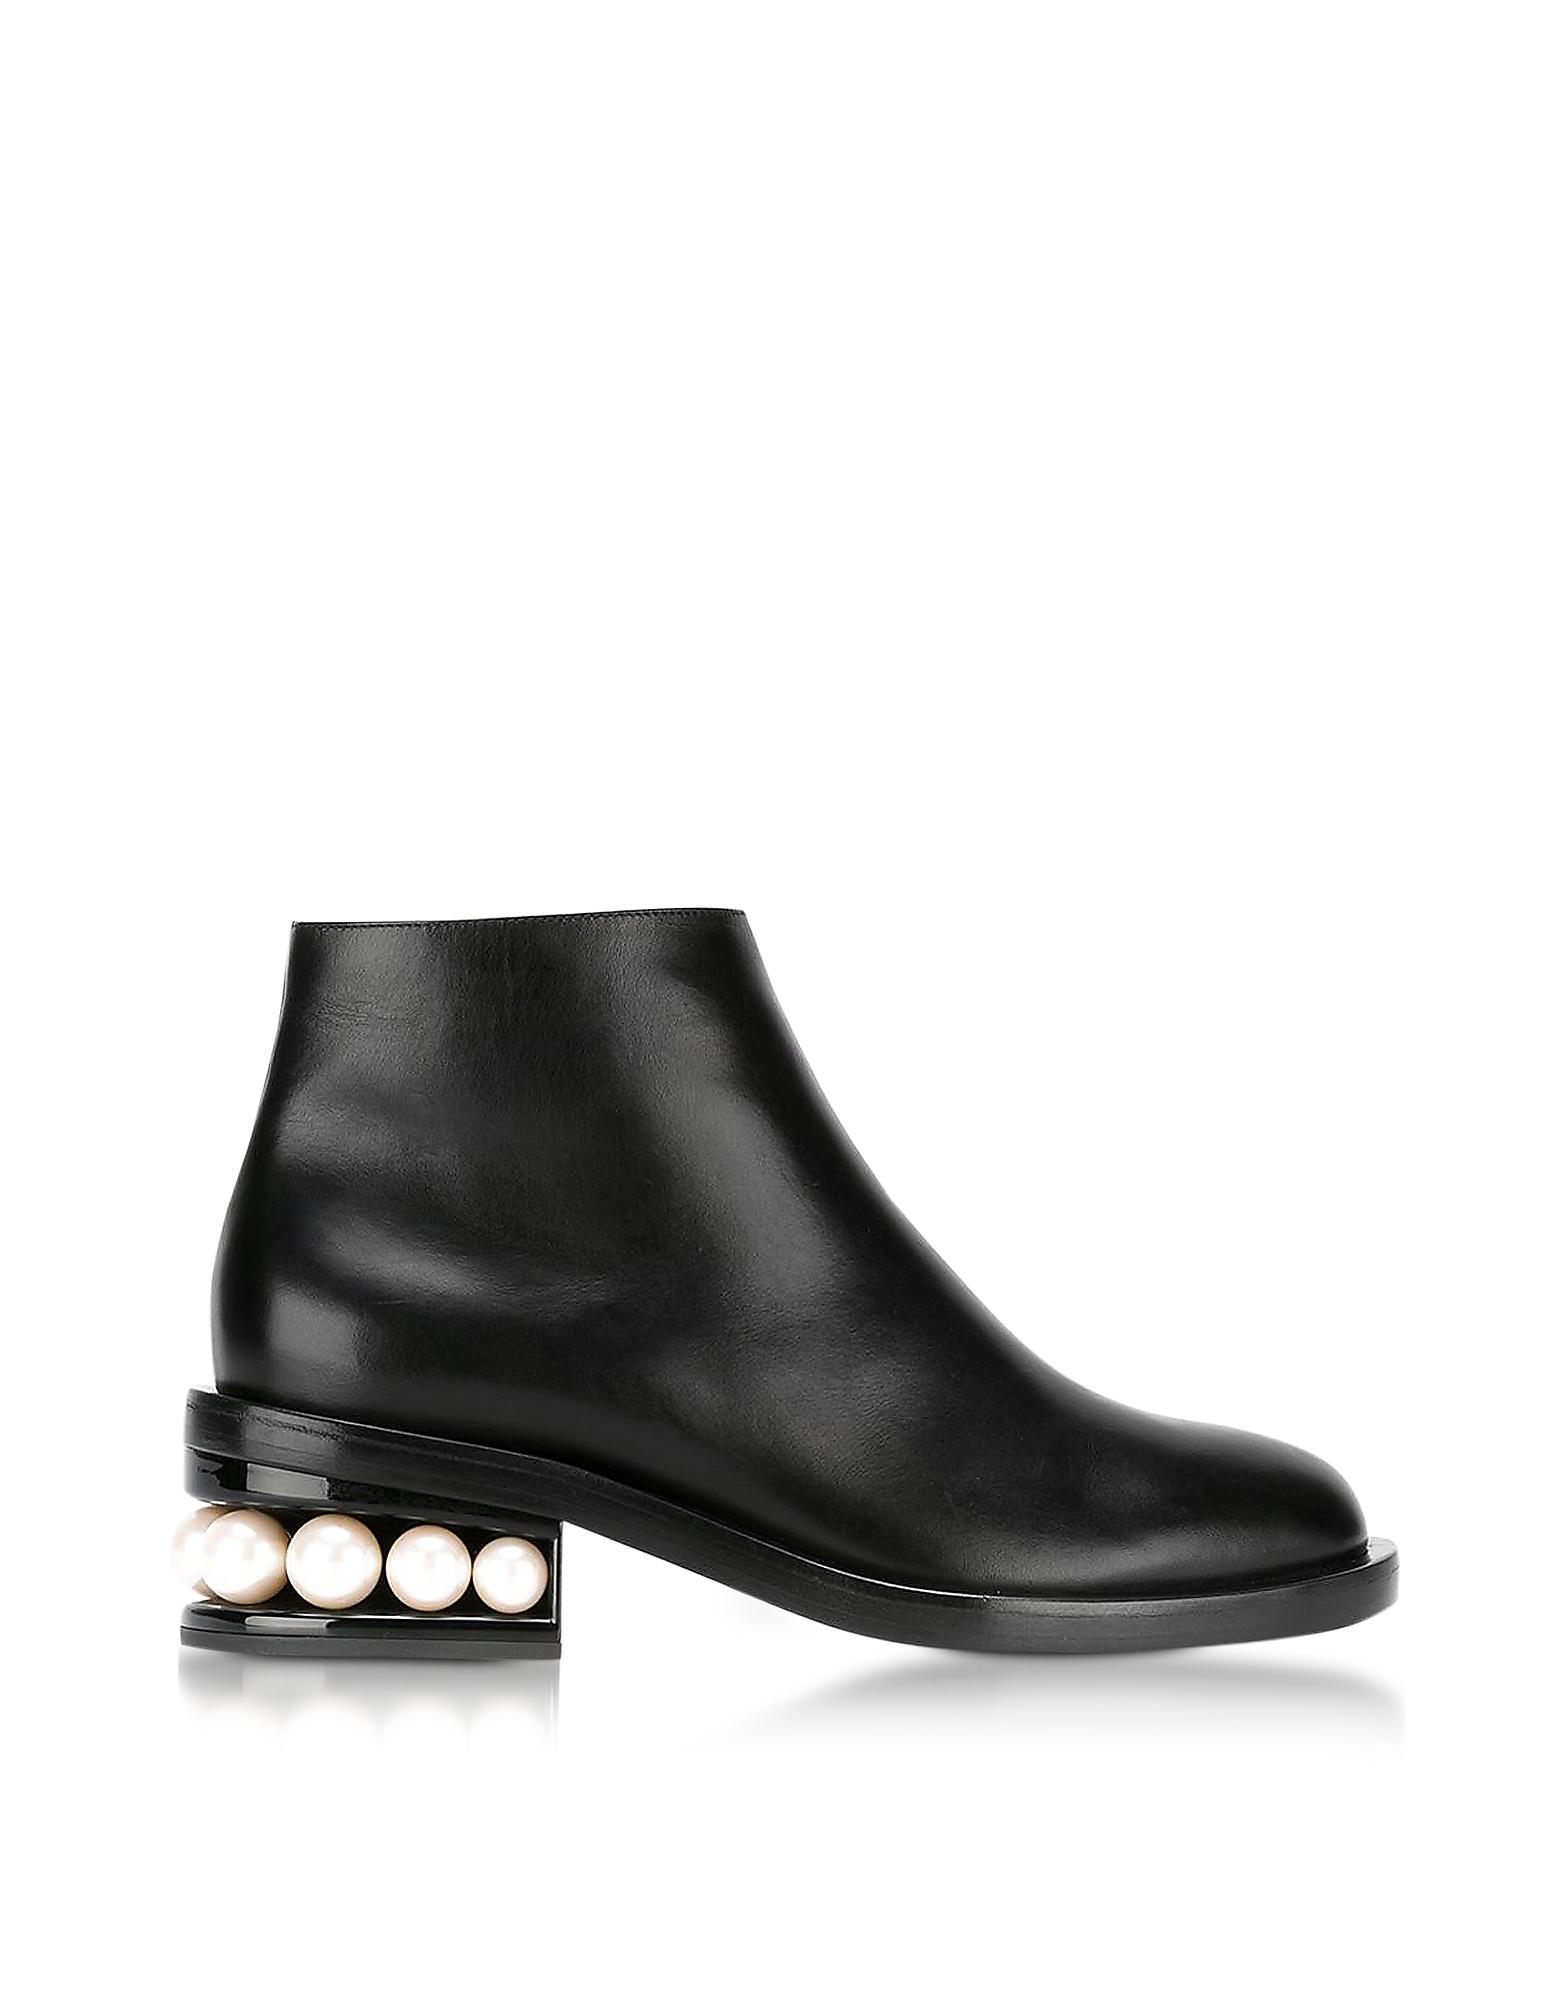 Фото Casati - Черные Кожаные Ботинки с Жемчужинами. Купить с доставкой